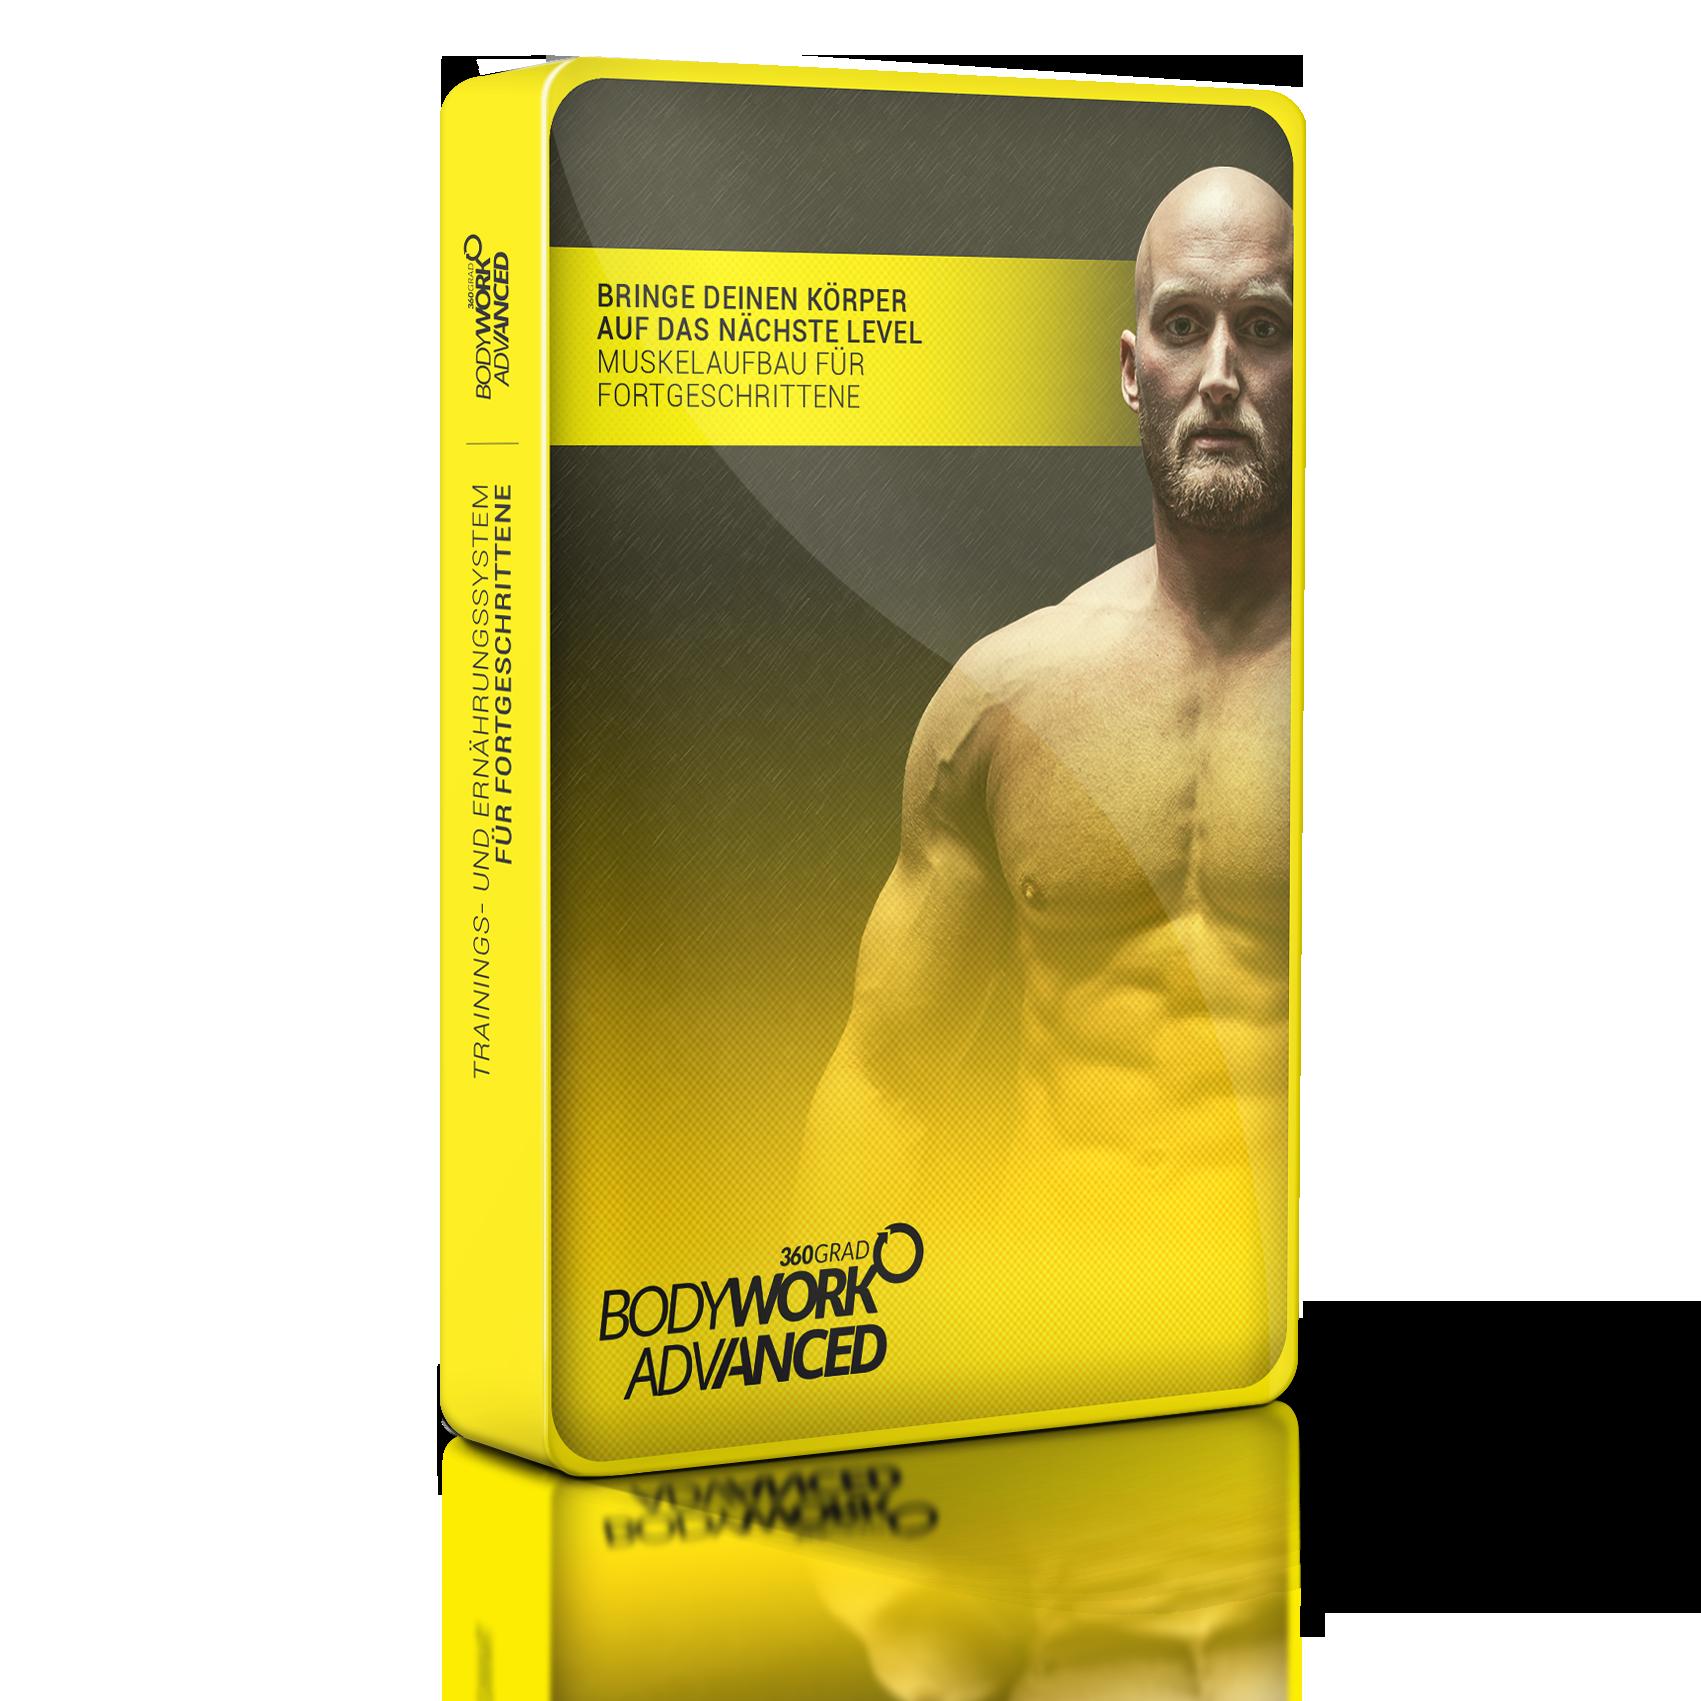 Bodywork360 ADVANCED - Monatliche Mitgliedschaft